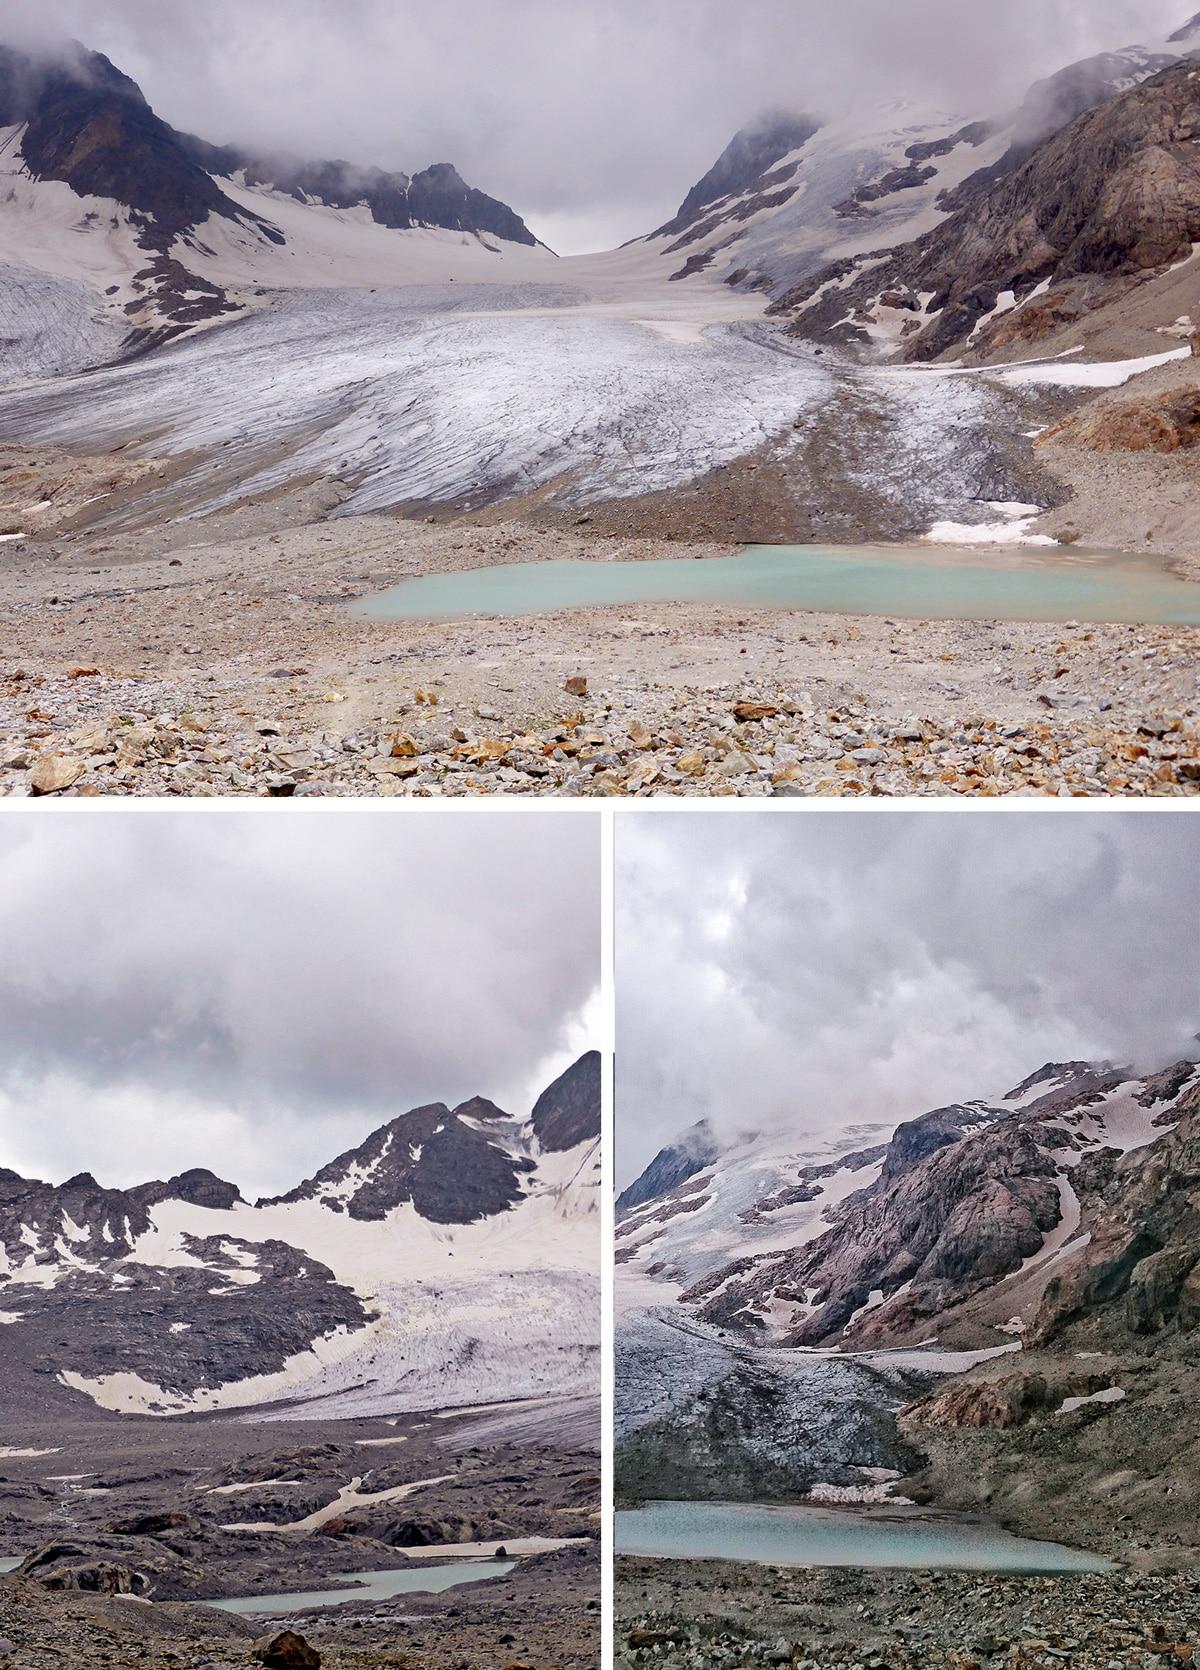 randonnee-lacs-glacier-glacier